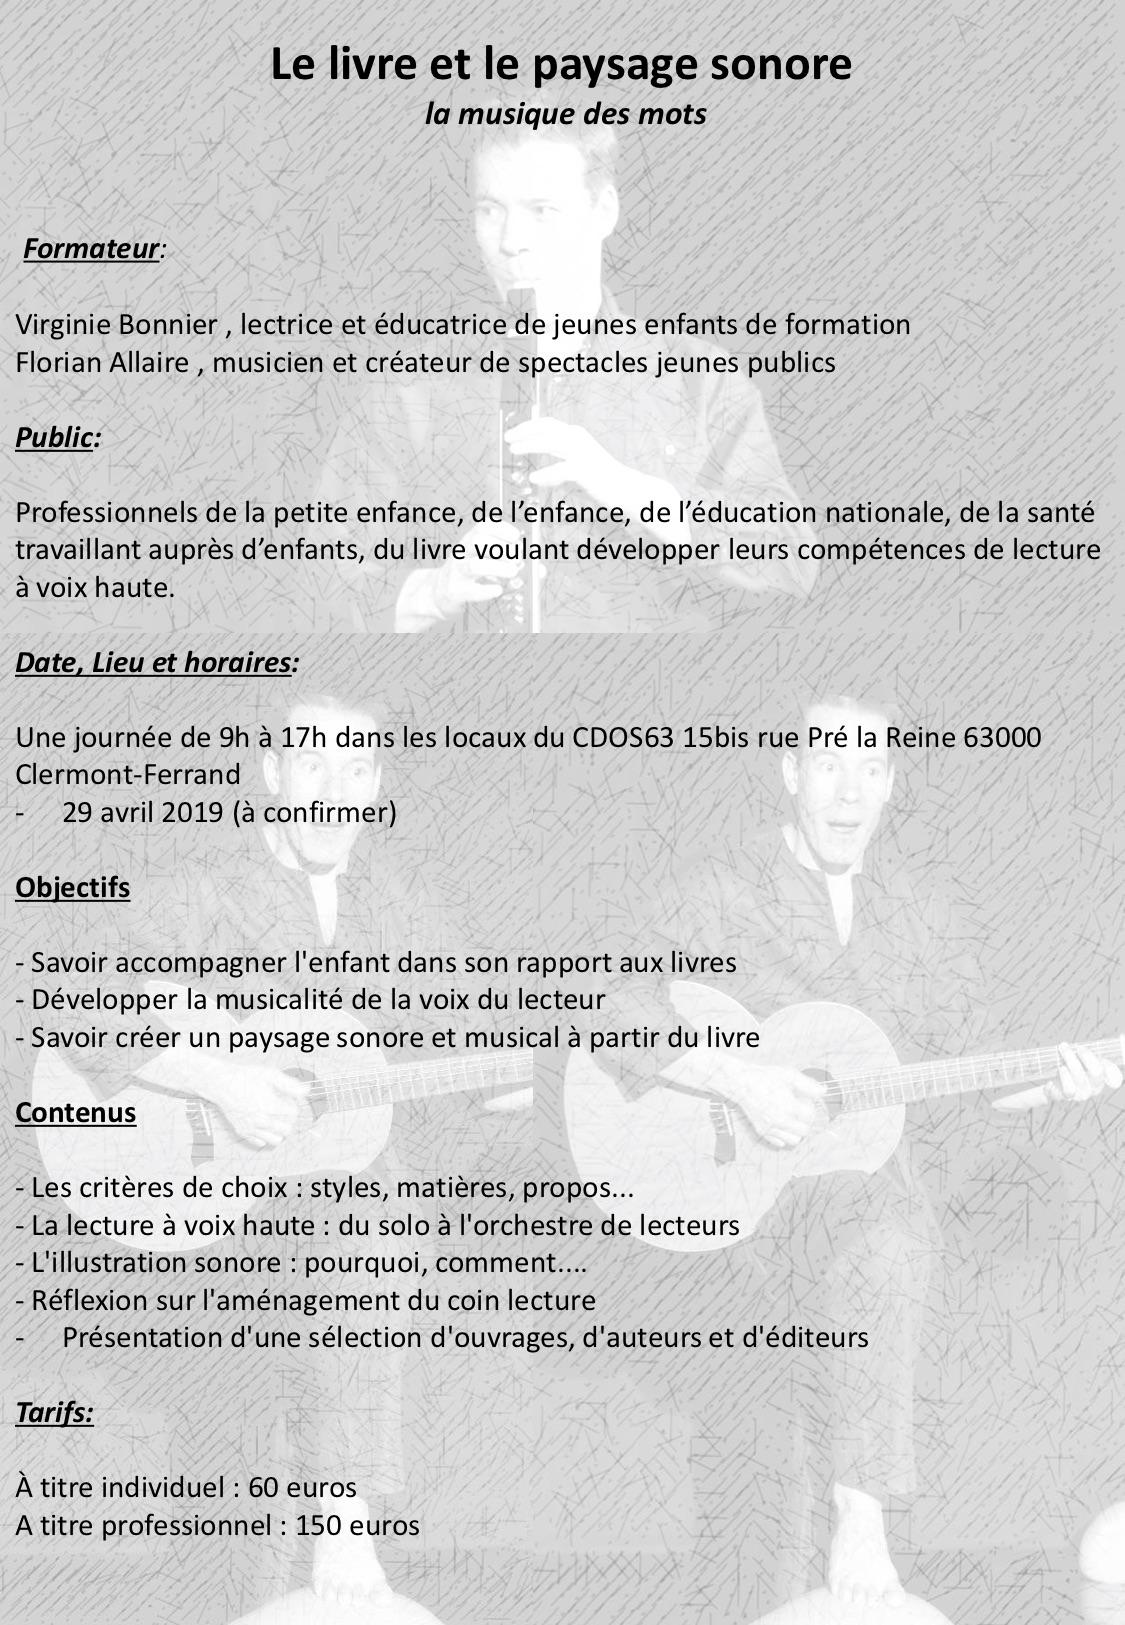 Ninie et Compagnie - Formations - Le livre et la paysage sonore